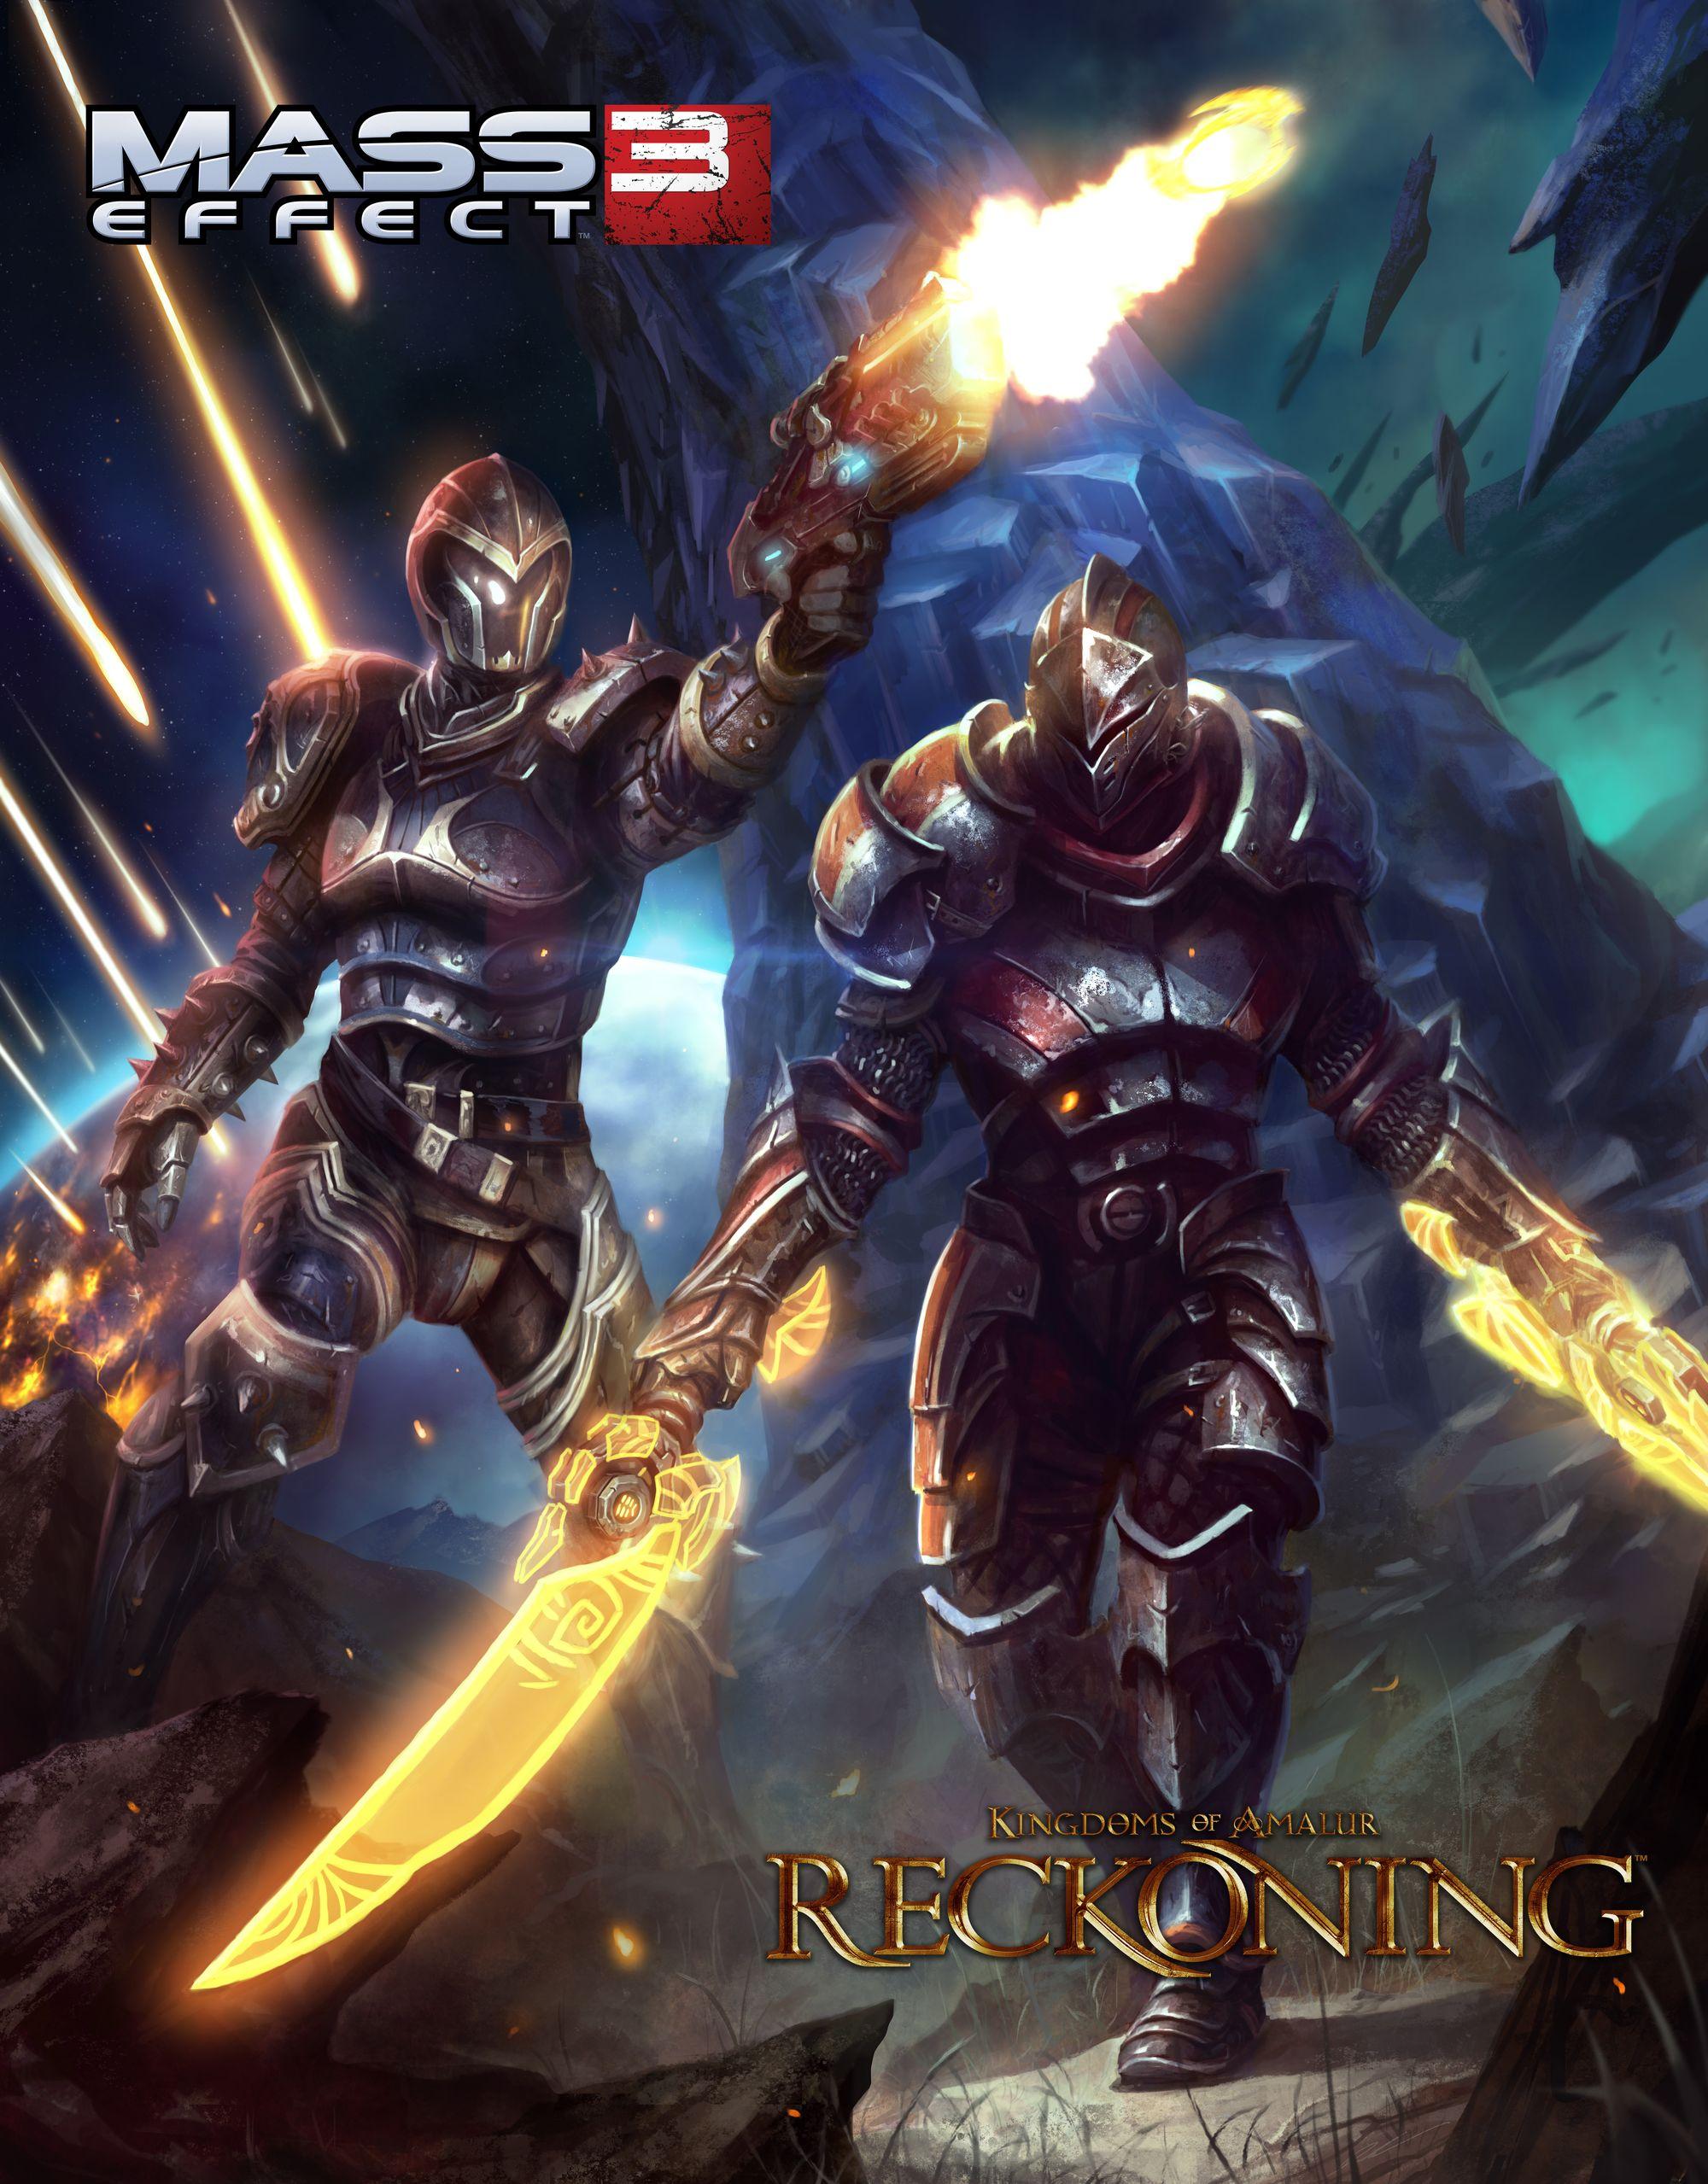 Demo Kingdoms of Amalur a exkluzivní bonusy pro Mass Effect 3 58584